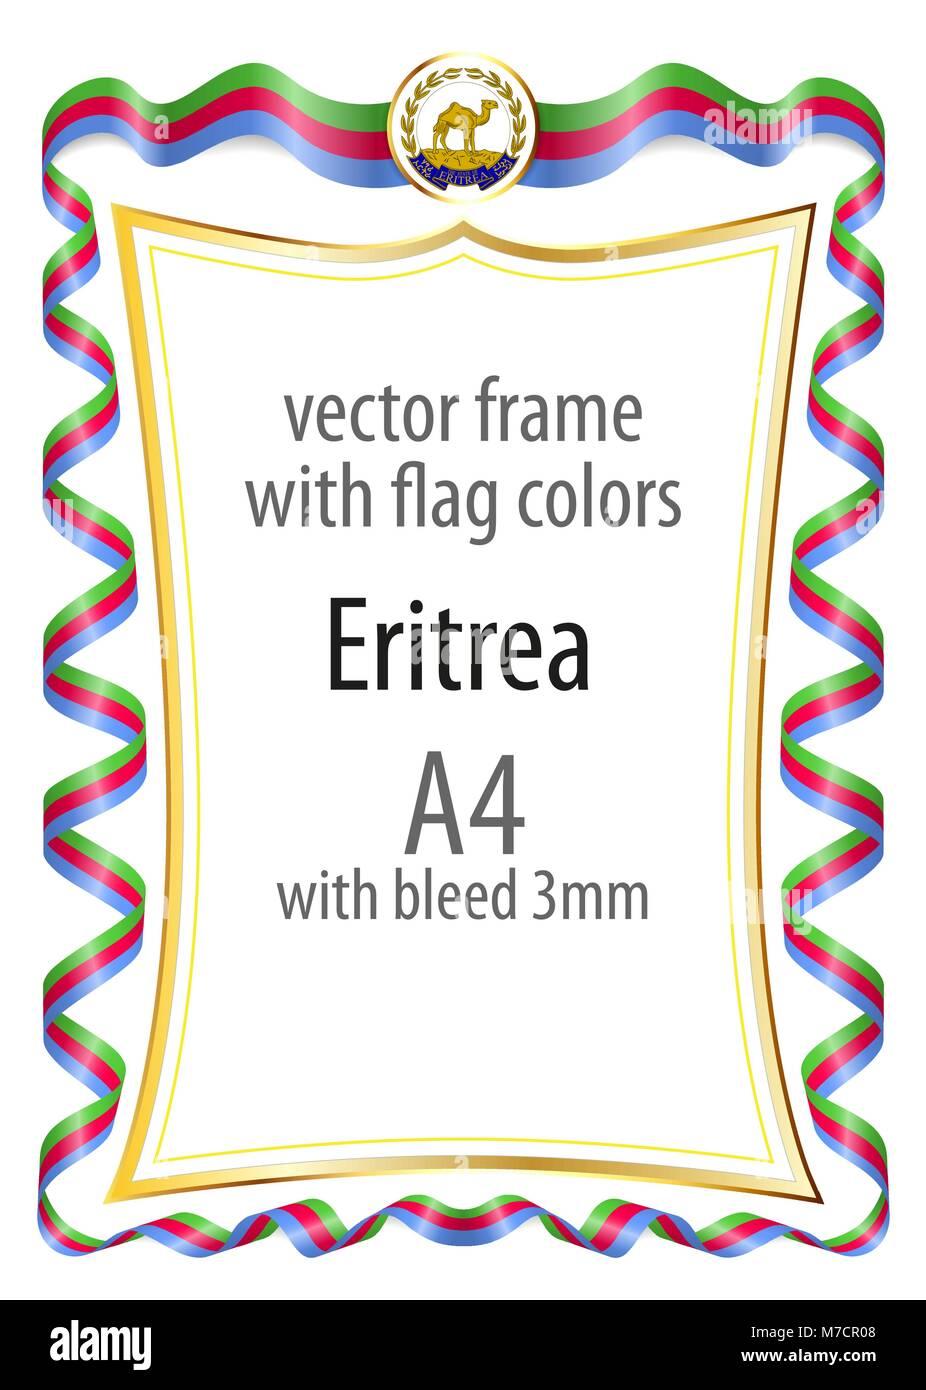 Fantastisch Flagge Färbung Seite Ideen - Beispiel Wiederaufnahme ...